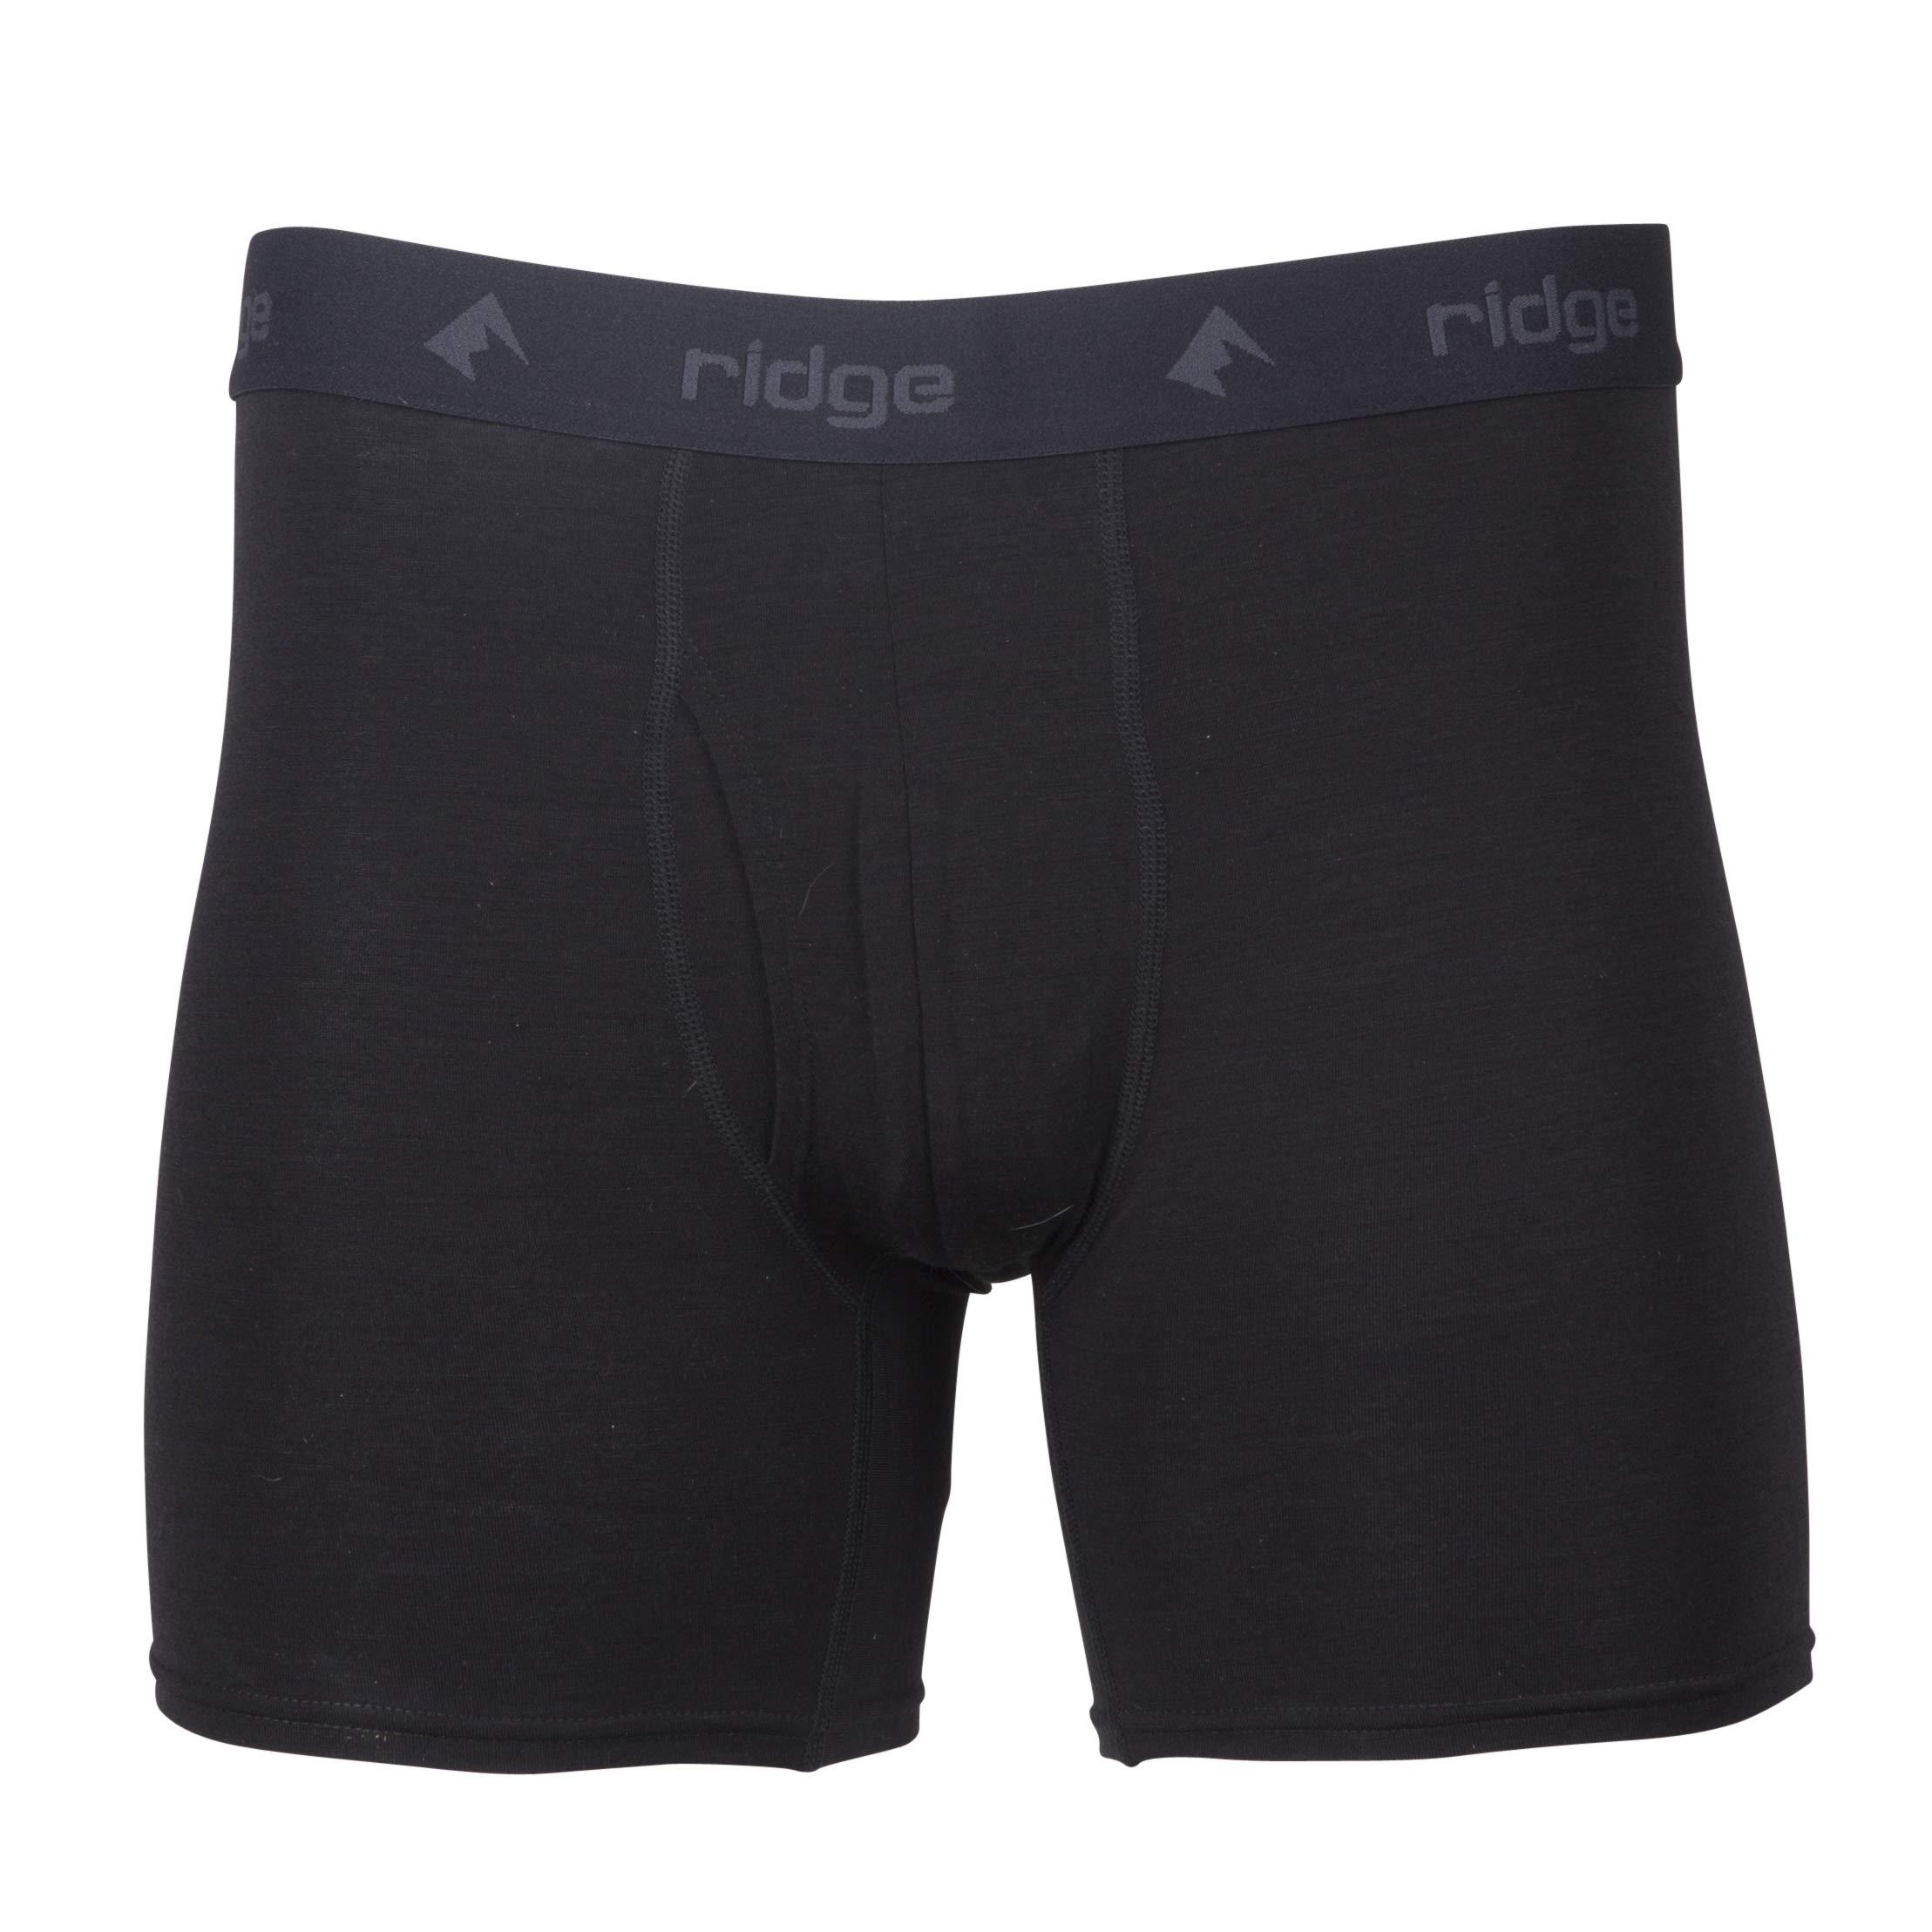 Ridge Merino Men's Ridge Boxer Brief - Merino Wool